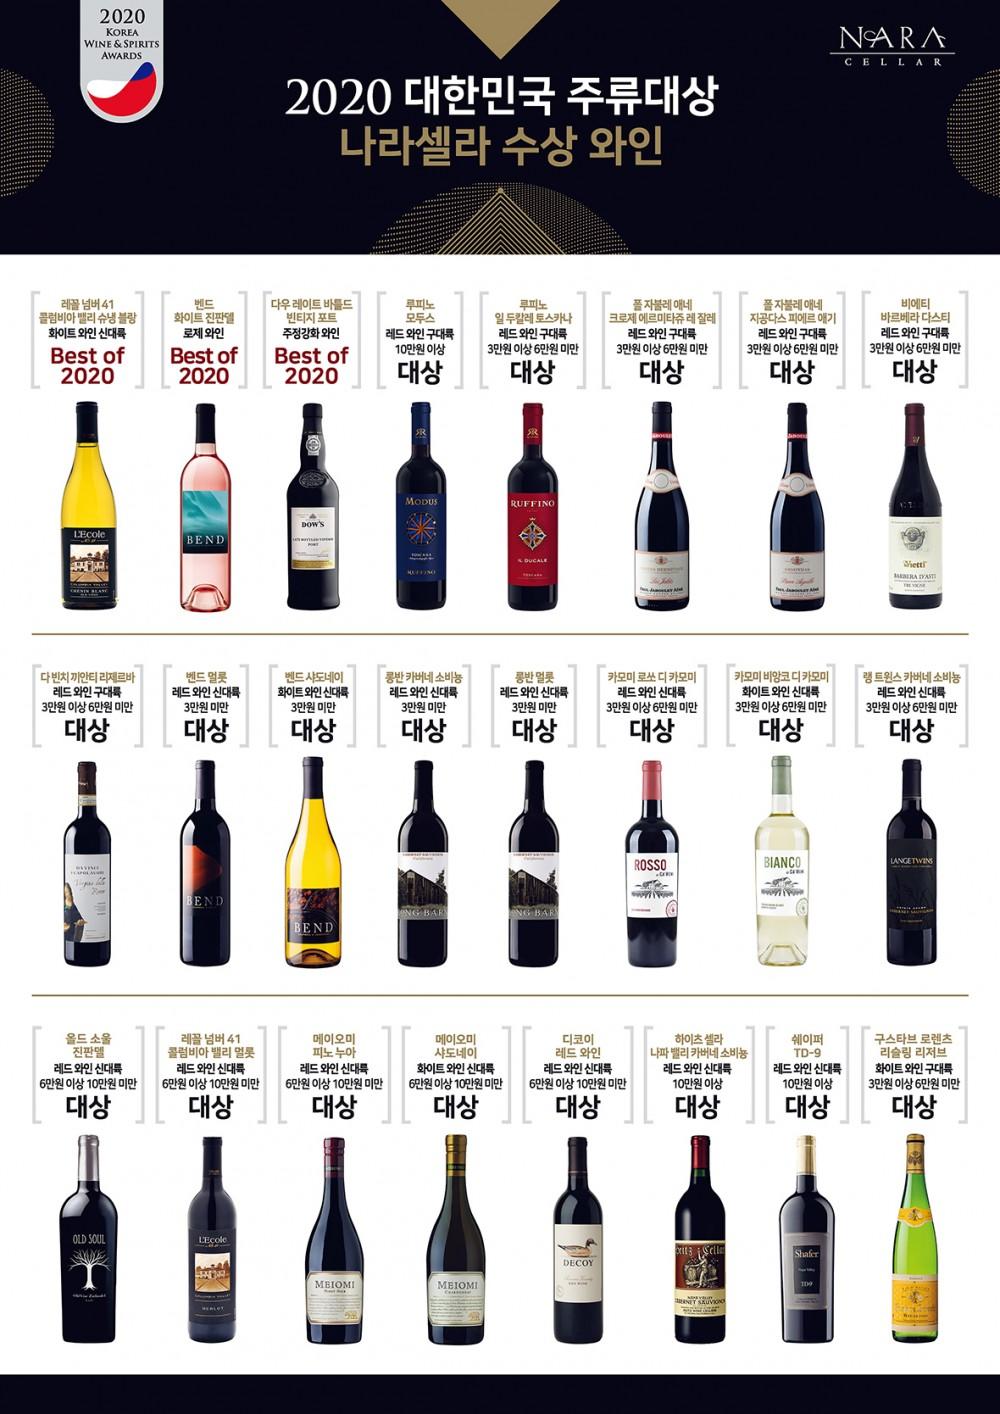 2020 대한민국주류대상 POP - 와인1 (나라셀라 로고).jpg